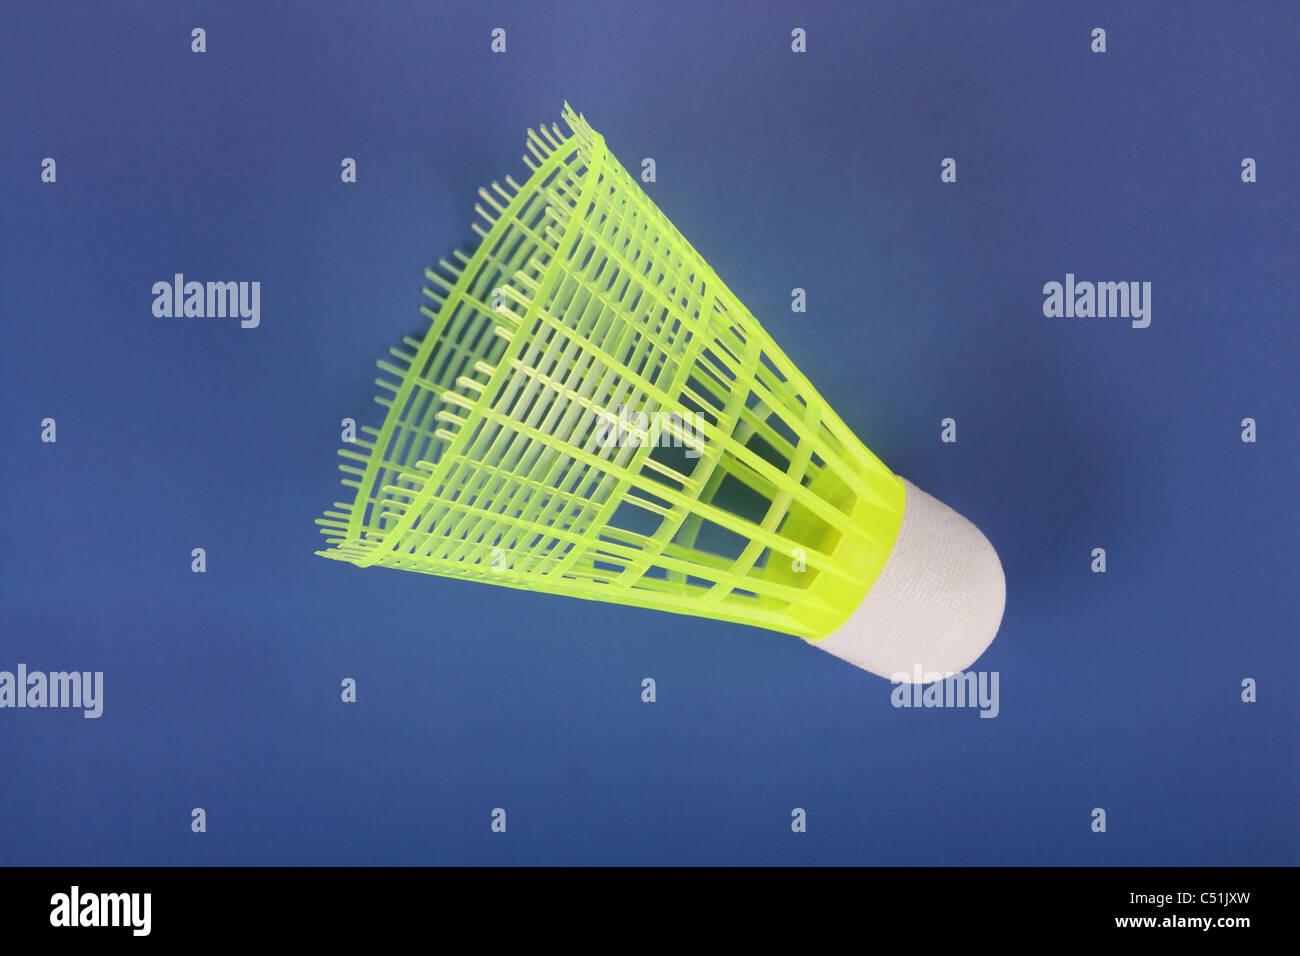 Uno giallo badminton volano su uno sfondo blu scuro Immagini Stock